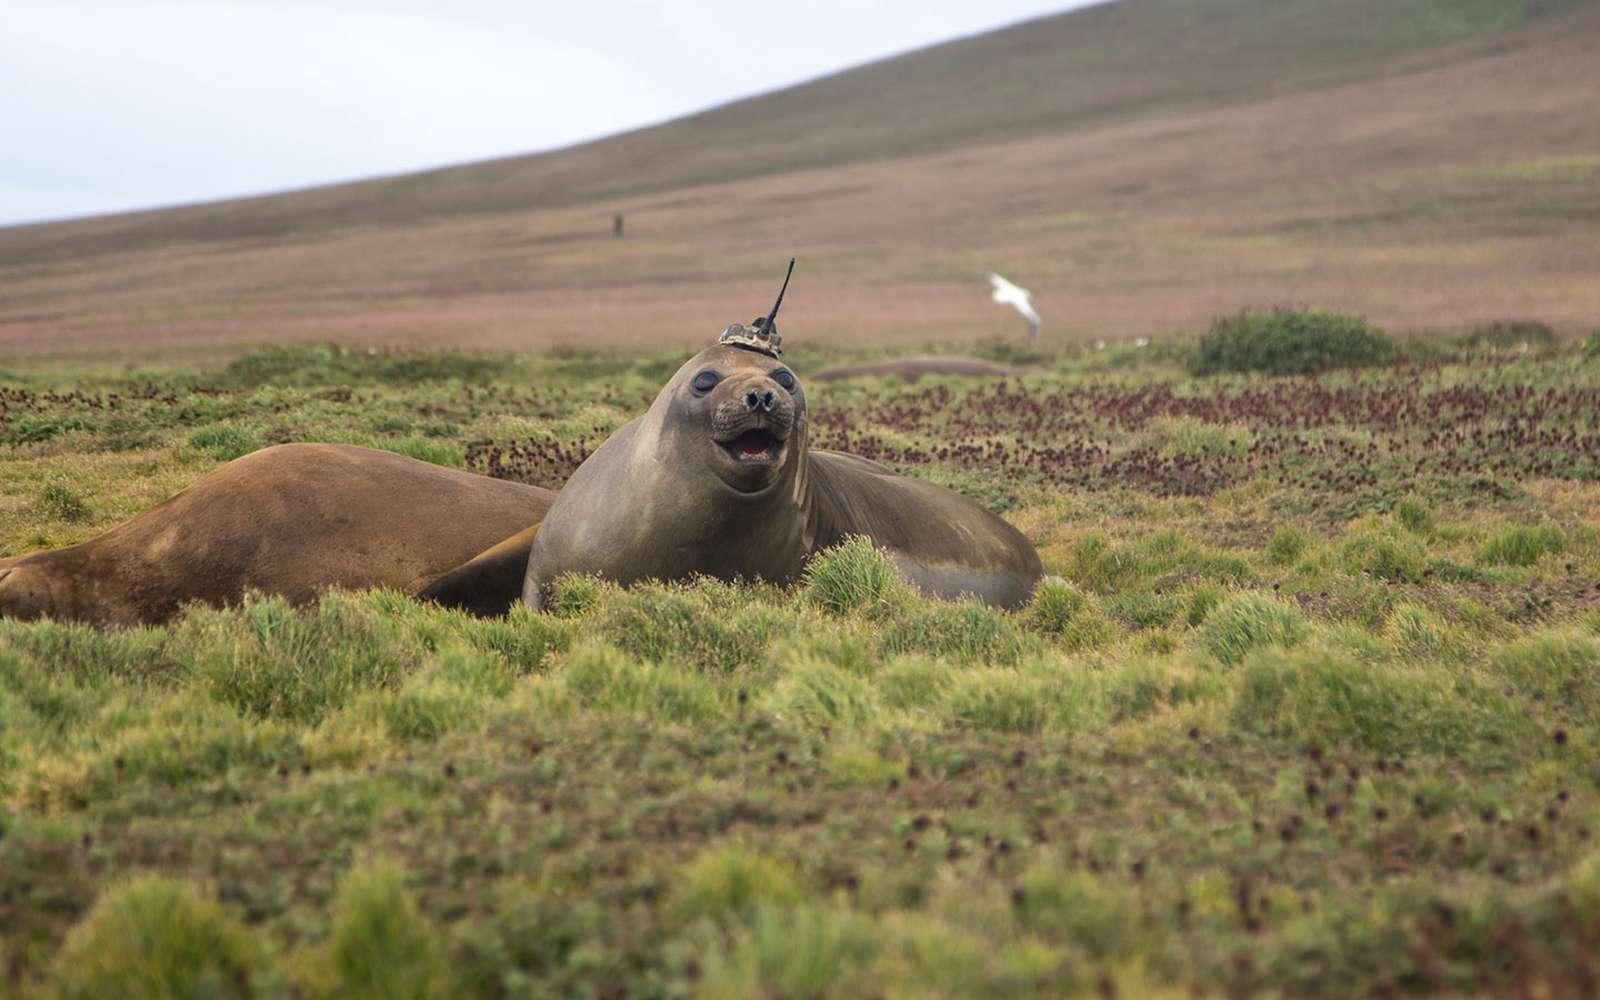 Éléphant de mer avec un dispositif de mesures aux îles Kerguelen. © Université de la Sorbonne, Étienne Pauthenet